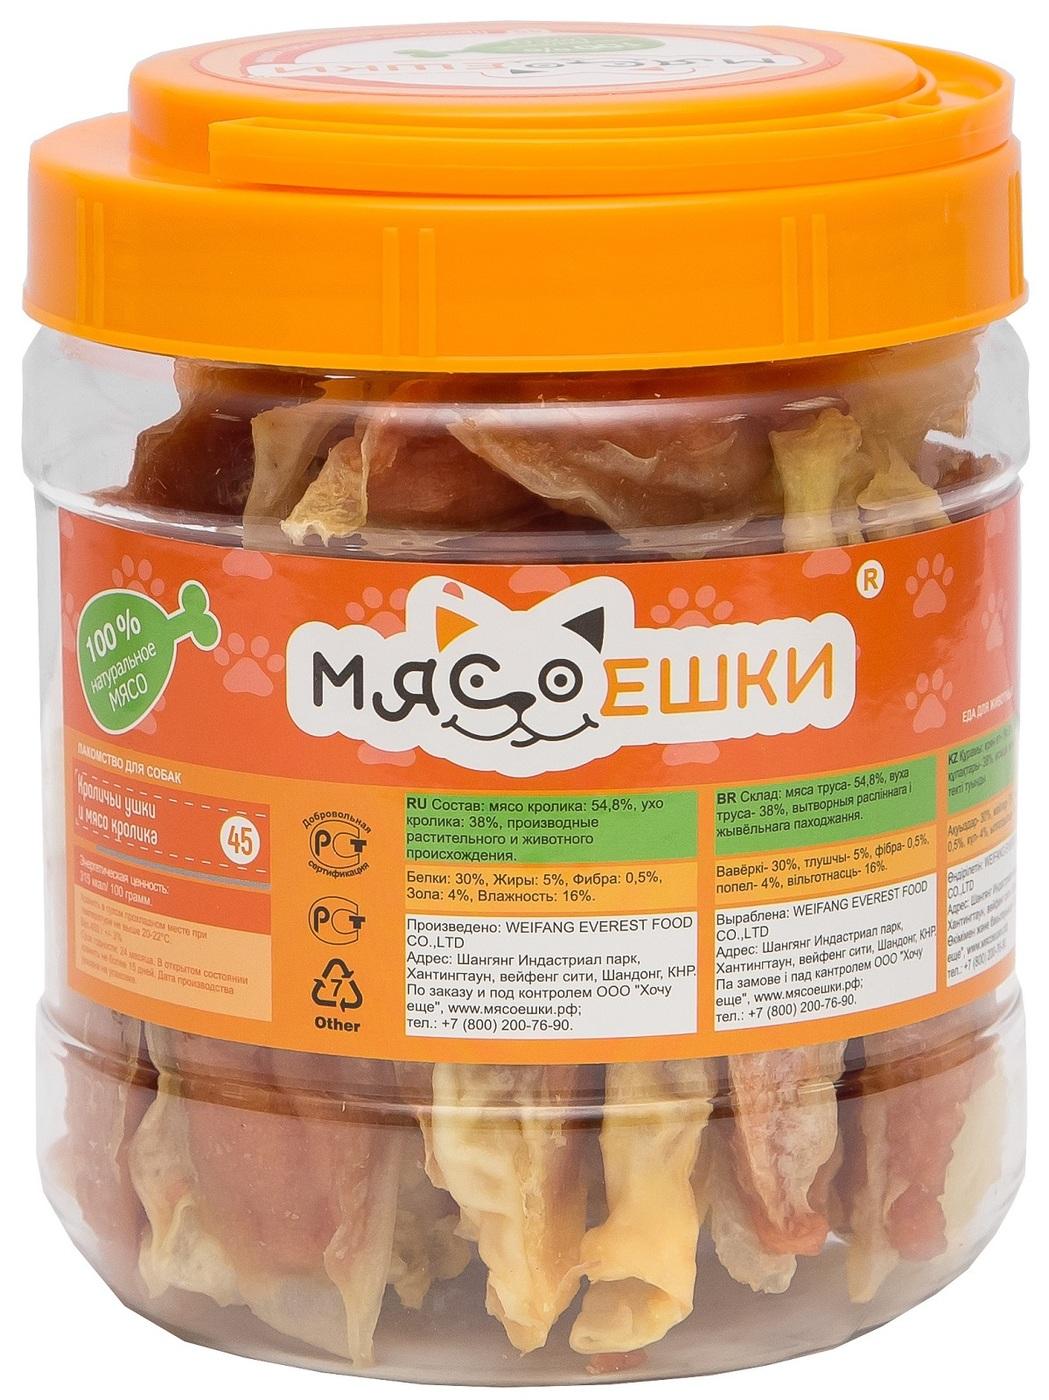 Мясоешки лакомства для собак кроличьи ушки, 0.45кг